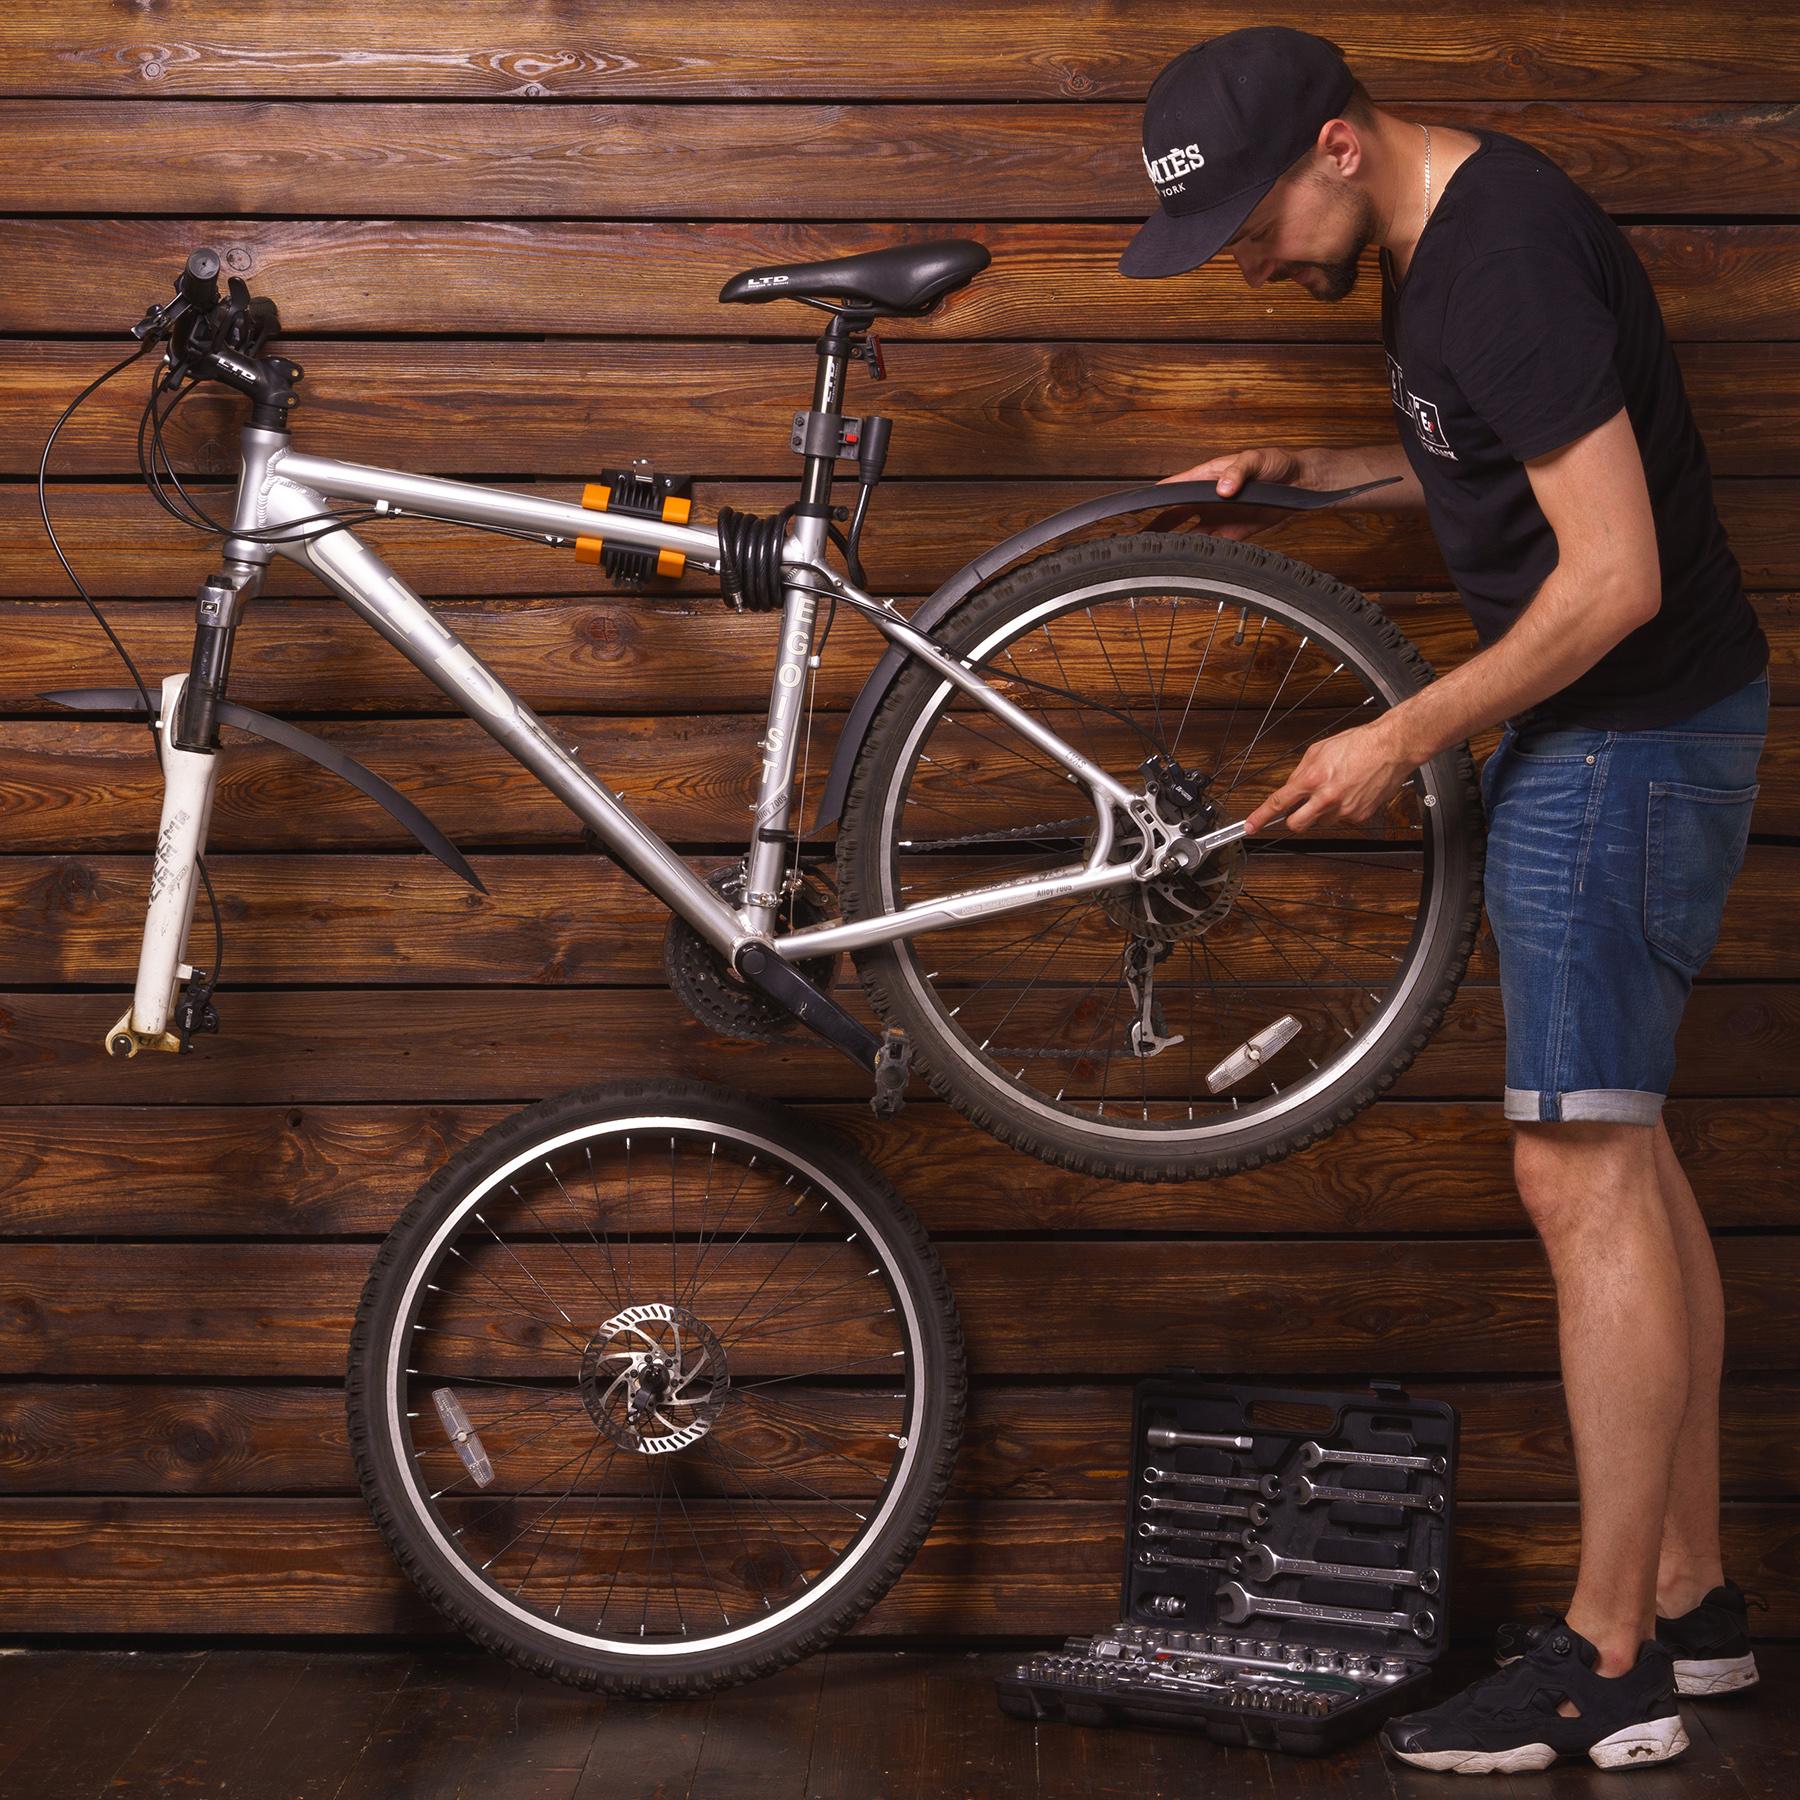 Powerfly Wall Mount Bike Repair Stand Bicycle Storage